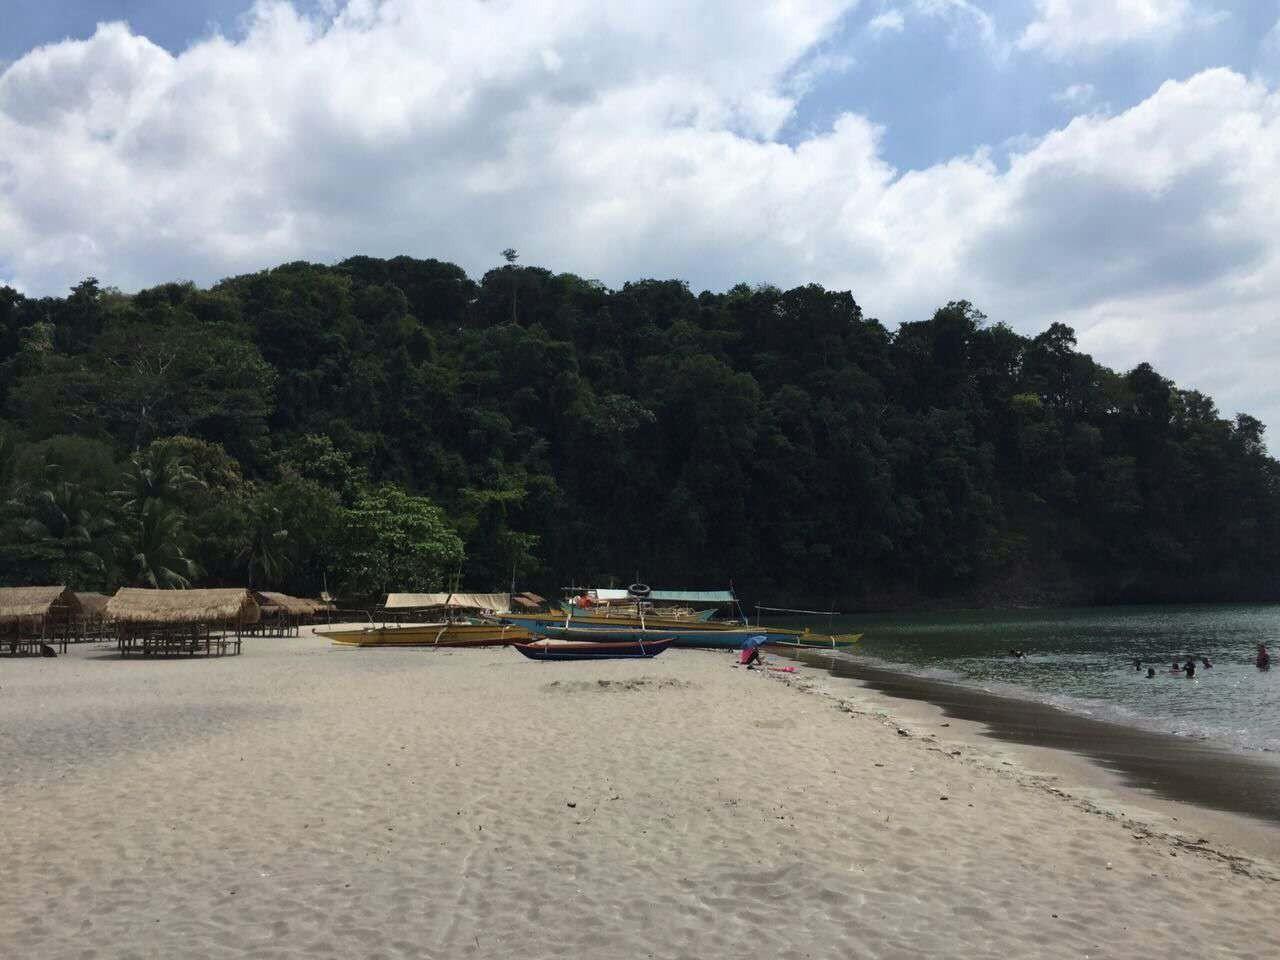 难忘的日落风帆,菲律宾极美海岛游记! d983ff66aba0a1d4e084ccc14b608415.jpg